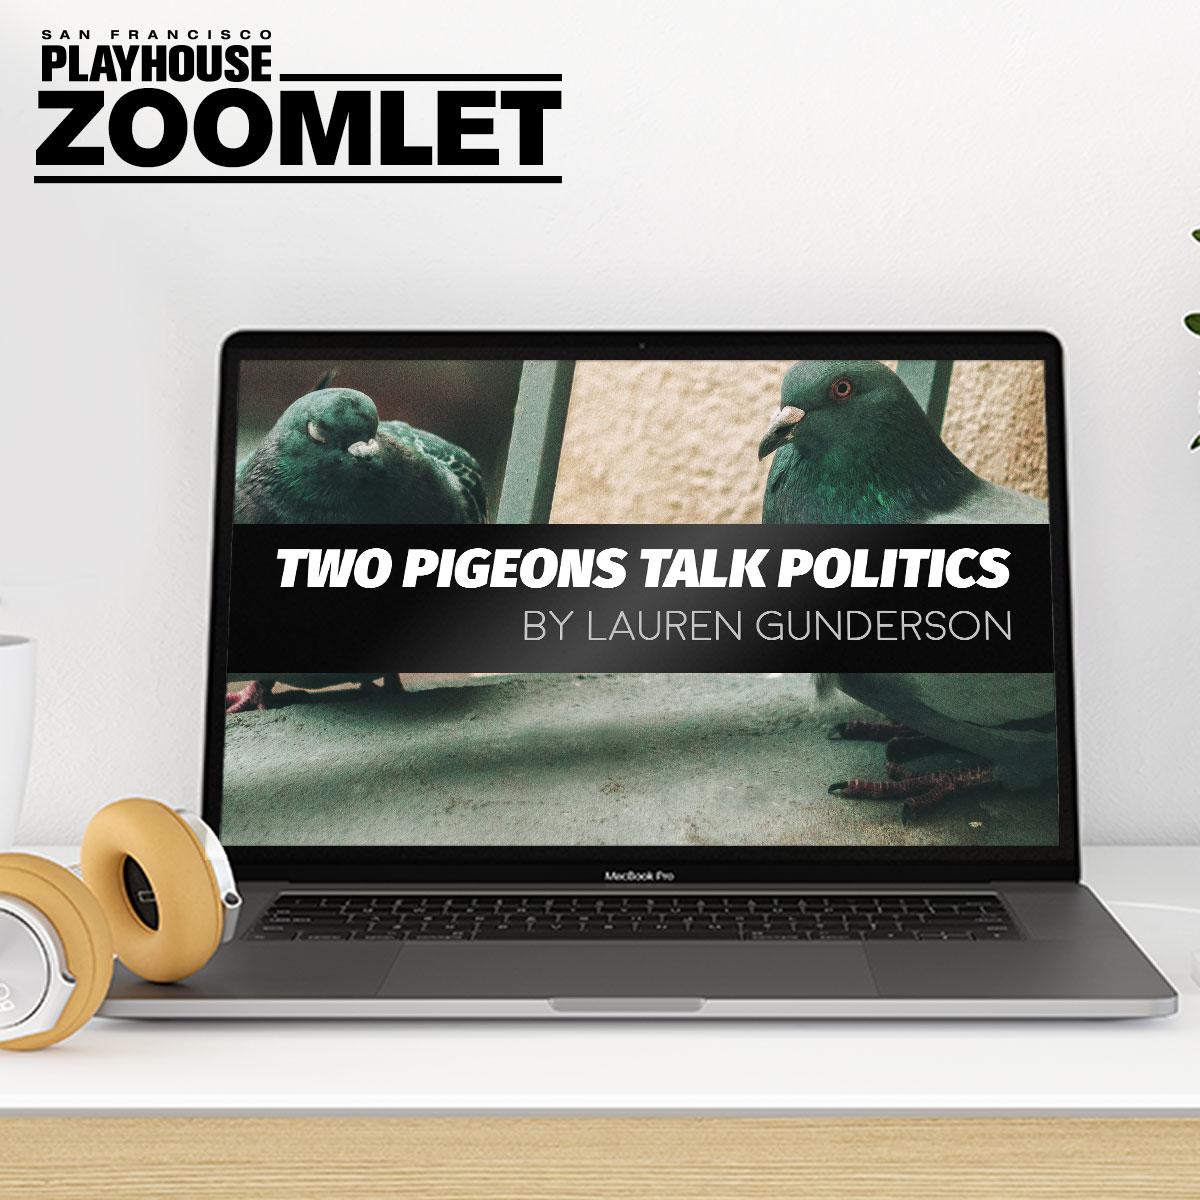 Two Pigeons Talk Politics